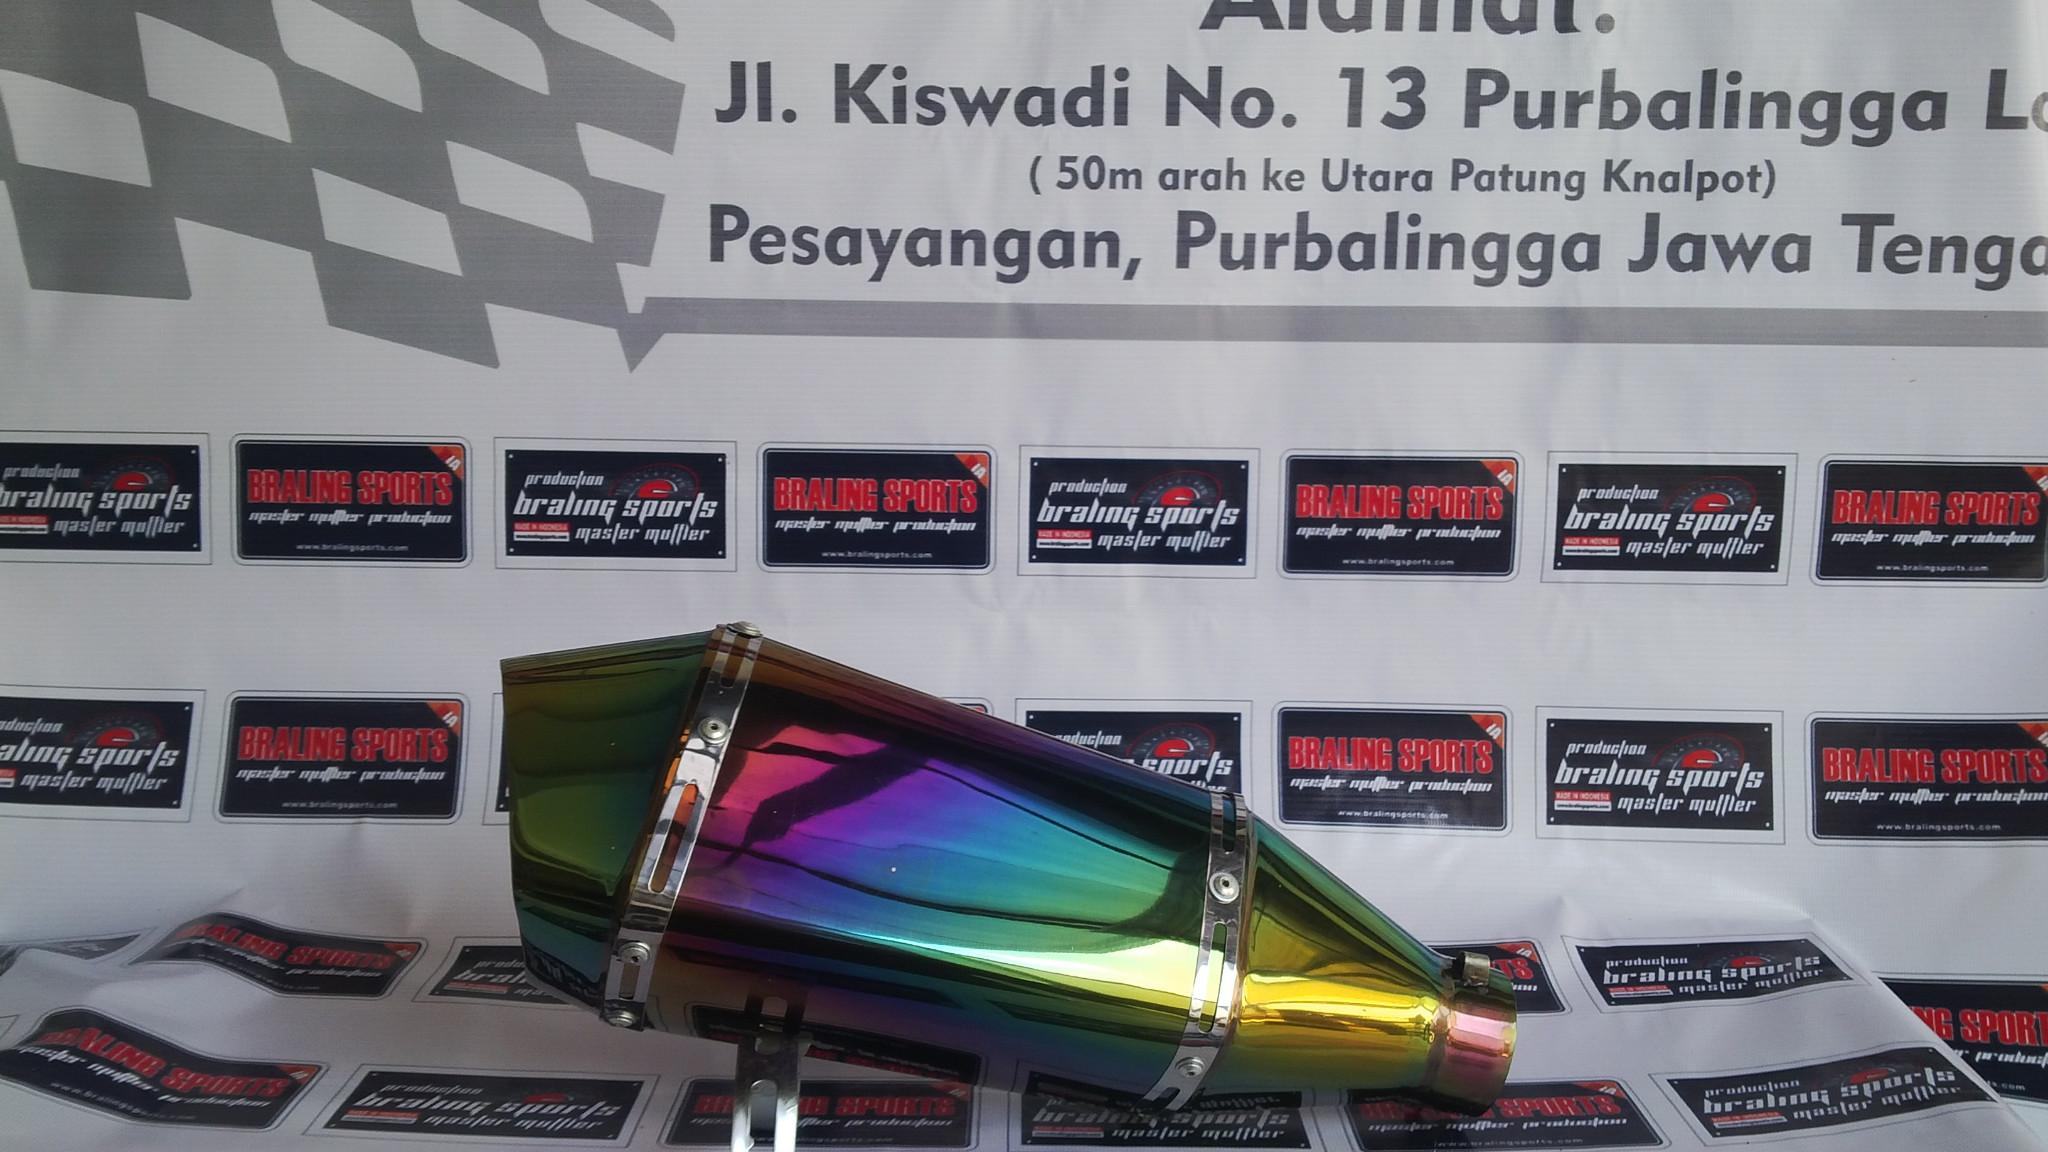 Knalpot Yoshimura R11 Rainbow So for R25,R15,NVL,Ninja 250fi,CBR,Tiger